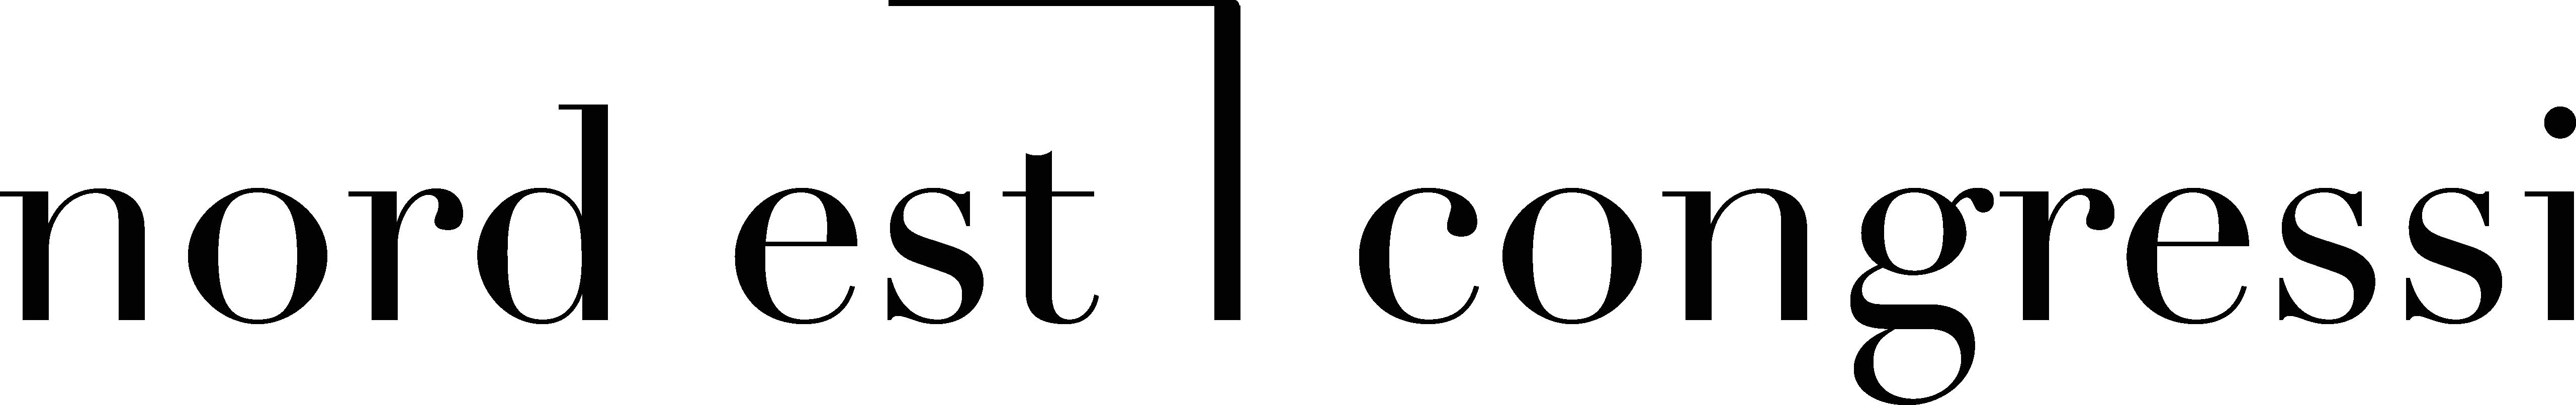 neclogo